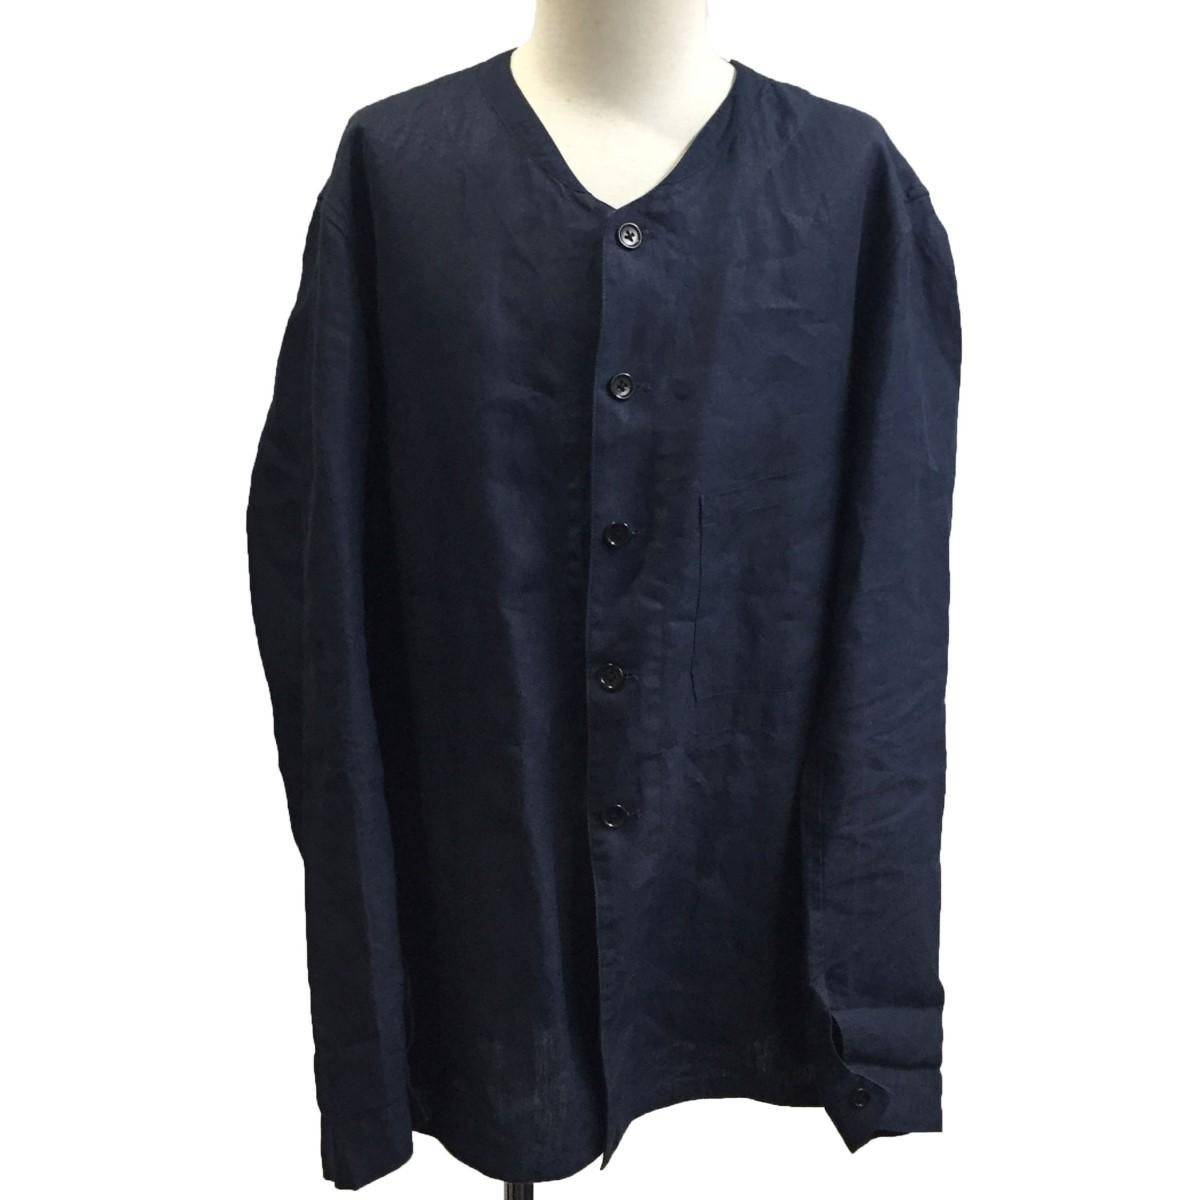 アナトミカ 割引も実施中 中古 anatomica SAVOYARDE 激安通販販売 サイズ:L リネンシャツジャケット 161220 ネイビー